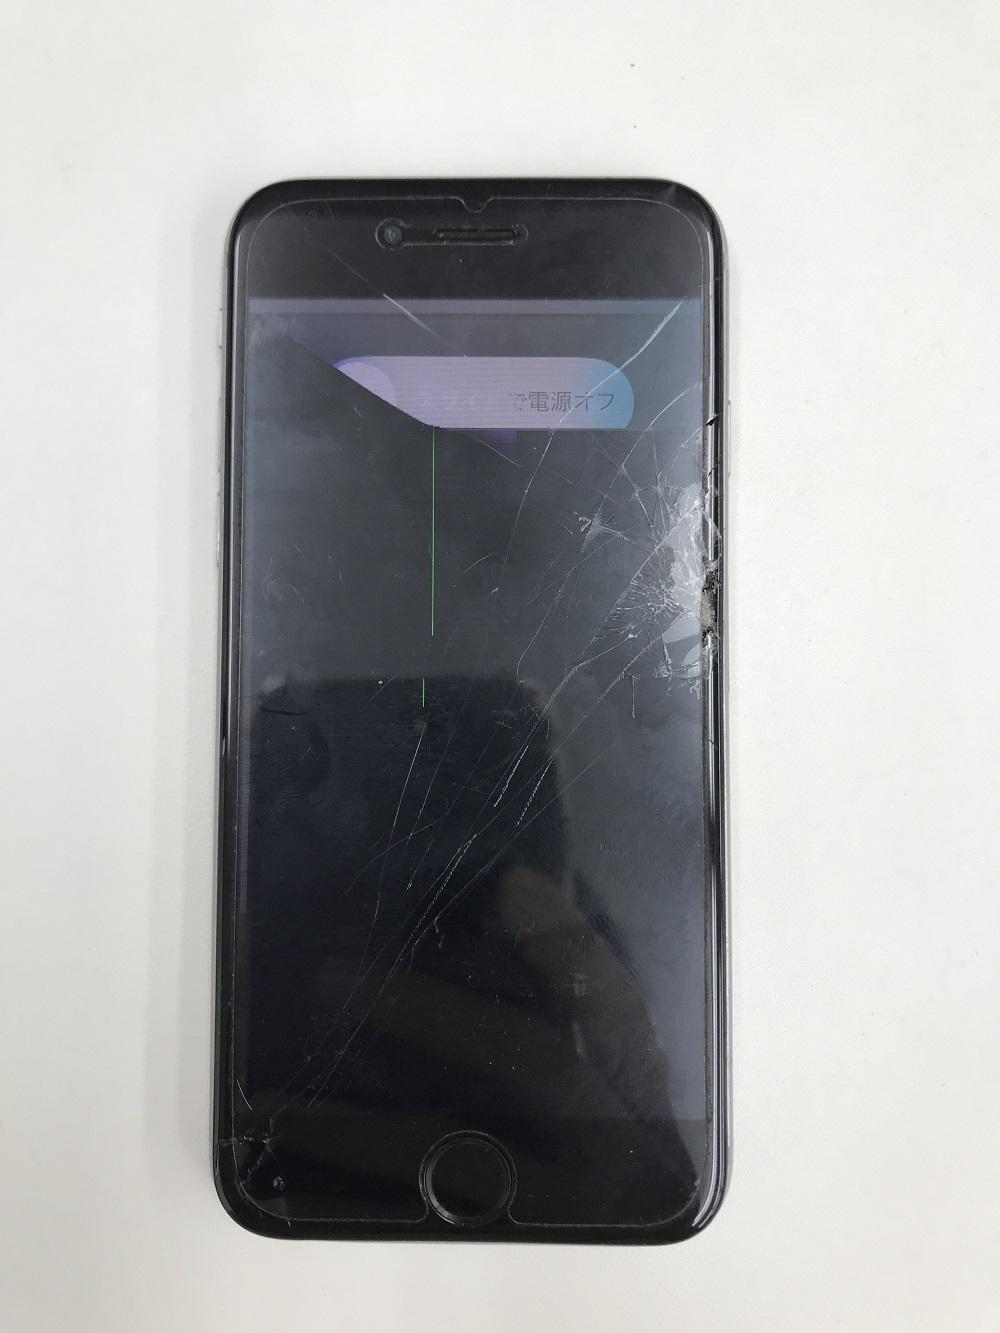 アイフォン6歪み修正+画面交換 修理前1